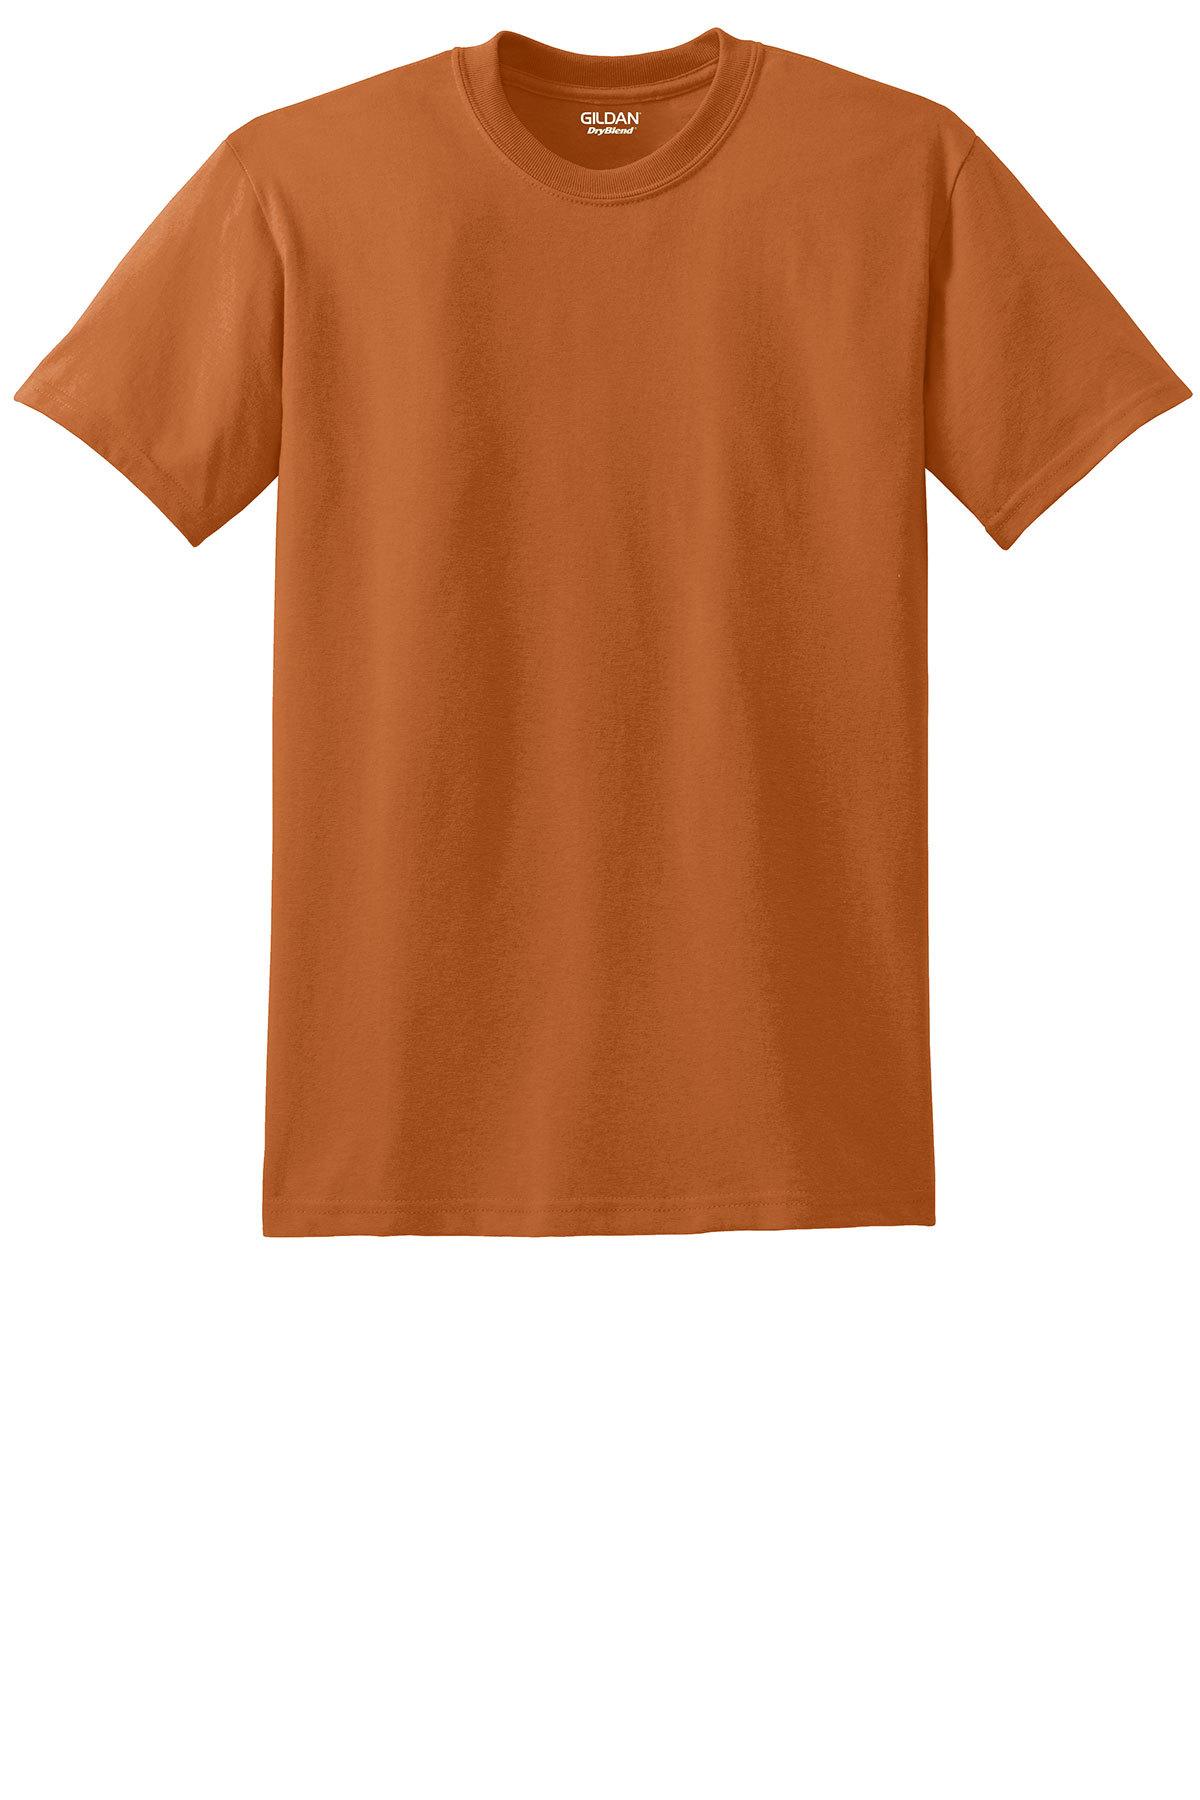 Gildan Dryblend 50 Cotton 50 Poly T Shirt 50 50 Blend T